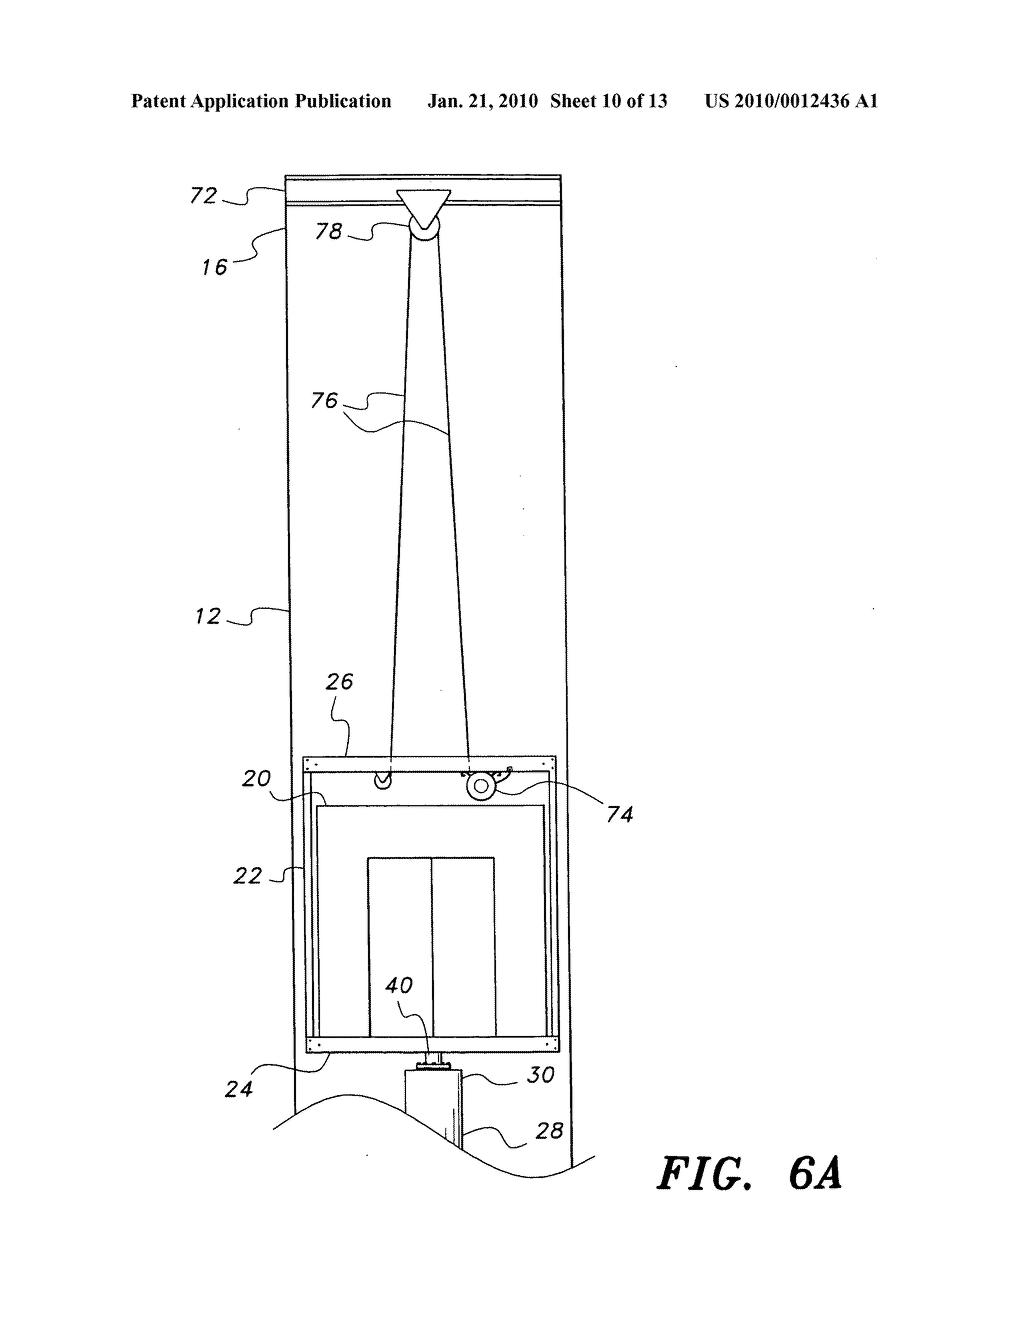 Lift Elevator Control Wiring Diagram Gallery.Hydraulic